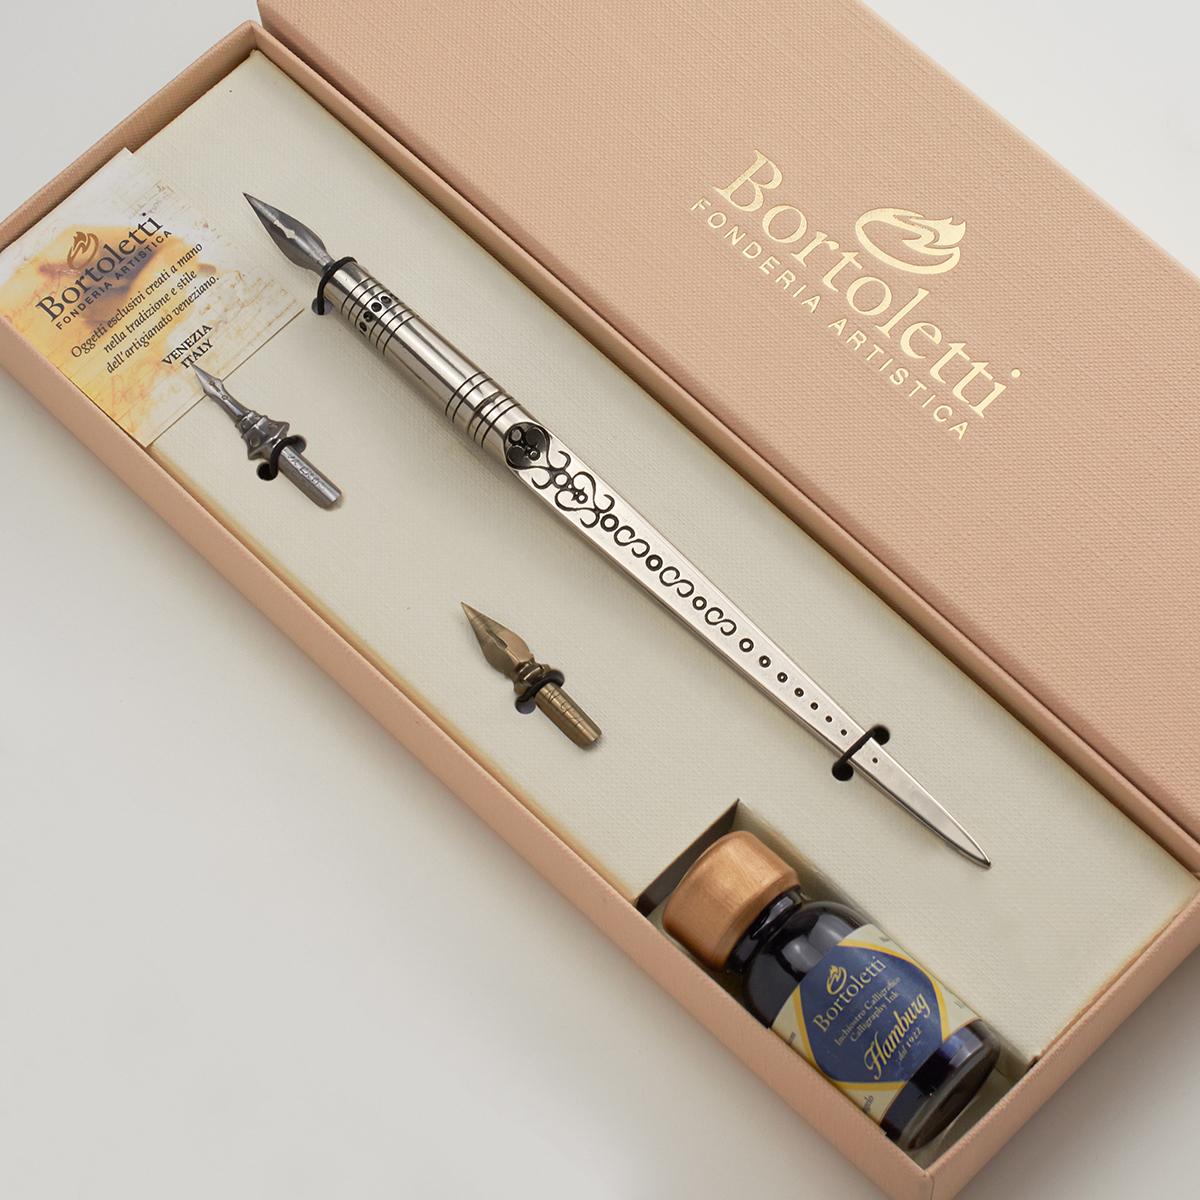 ボルトレッティ Bortoletti ブロンズ レターオープナー軸つけペン ギフトセット No16